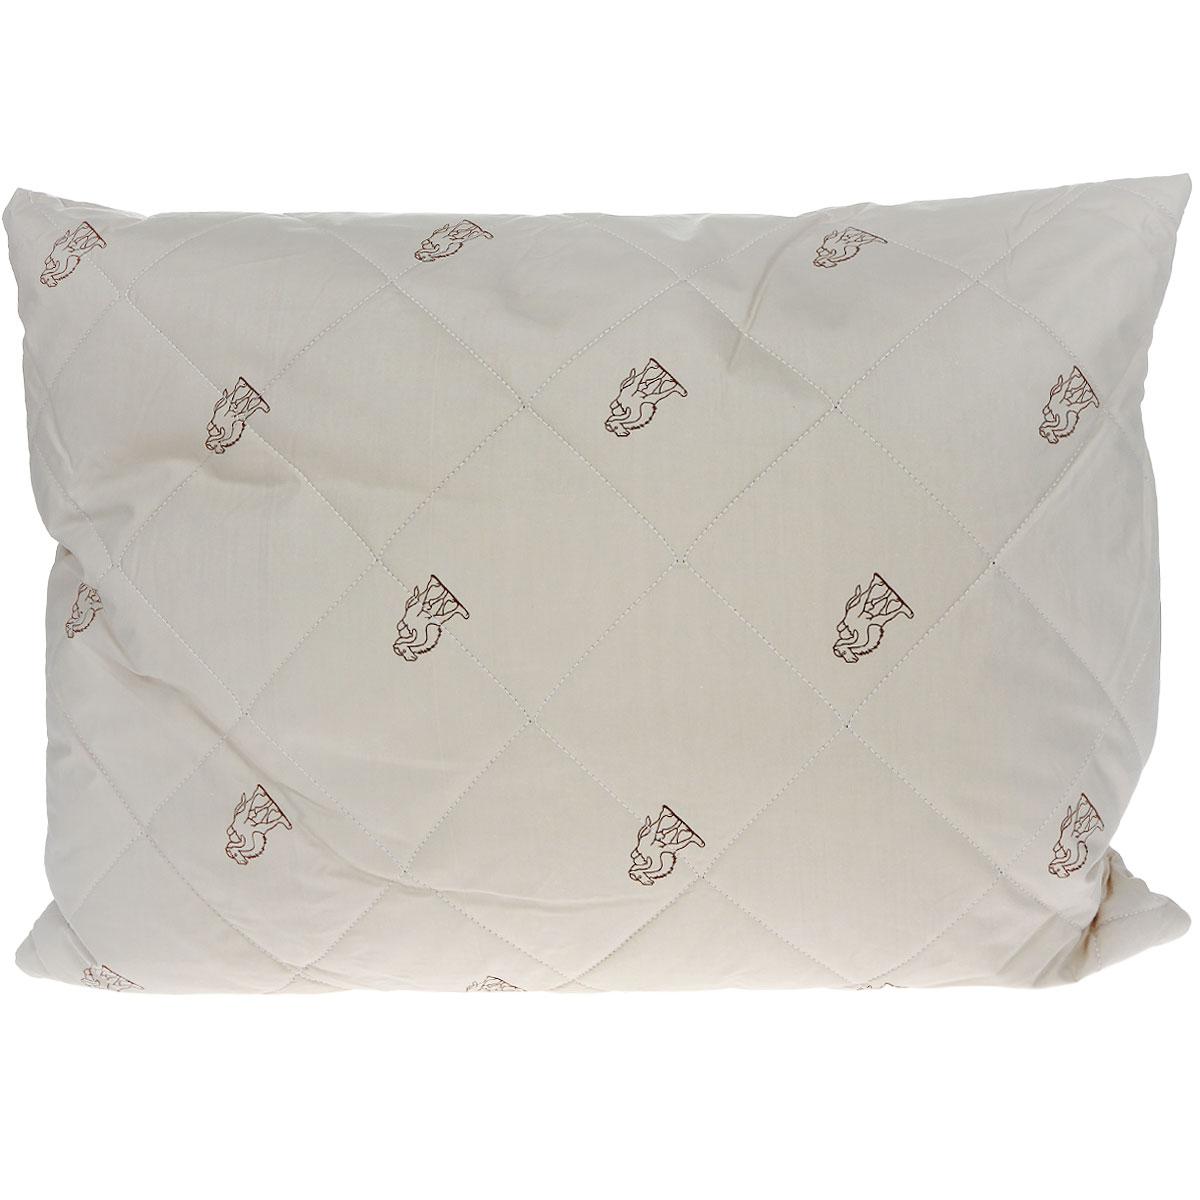 """Подушка OL-Tex """"Верблюд"""" создаст комфорт и уют во время сна. Стеганый чехол подушки  выполнен из высококачественного плотного материала тик (100% хлопок). Чехол  продублирован пластом из волокна на основе верблюжьей  шерсти с полиэстером. Основной наполнитель подушки - высокосиликонизированное  микроволокно OL-tex.  Особенности наполнителя: - исключительные терморегулирующие свойства; - высокое качество прочеса и промывки шерсти; - великолепные ощущения комфорта и уюта.  Верблюжья шерсть - обладает целебными качествами, содержит  наиболее высокий процент ланолина (животного воска), благоприятно воздействующего  на организм по целому ряду показателей: оказывает благотворное действие на  мышцы, суставы, позвоночник, нормализует кровообращение, имеет профилактический  эффект при заболевания опорно-двигательного аппарата. Кроме того, верблюжья  шерсть антистатична.  Вес наполнителя: 600 г. Уважаемые клиенты! Товар представлен в цветовом ассортименте. Отгрузка производится из имеющихся в наличии цветов."""